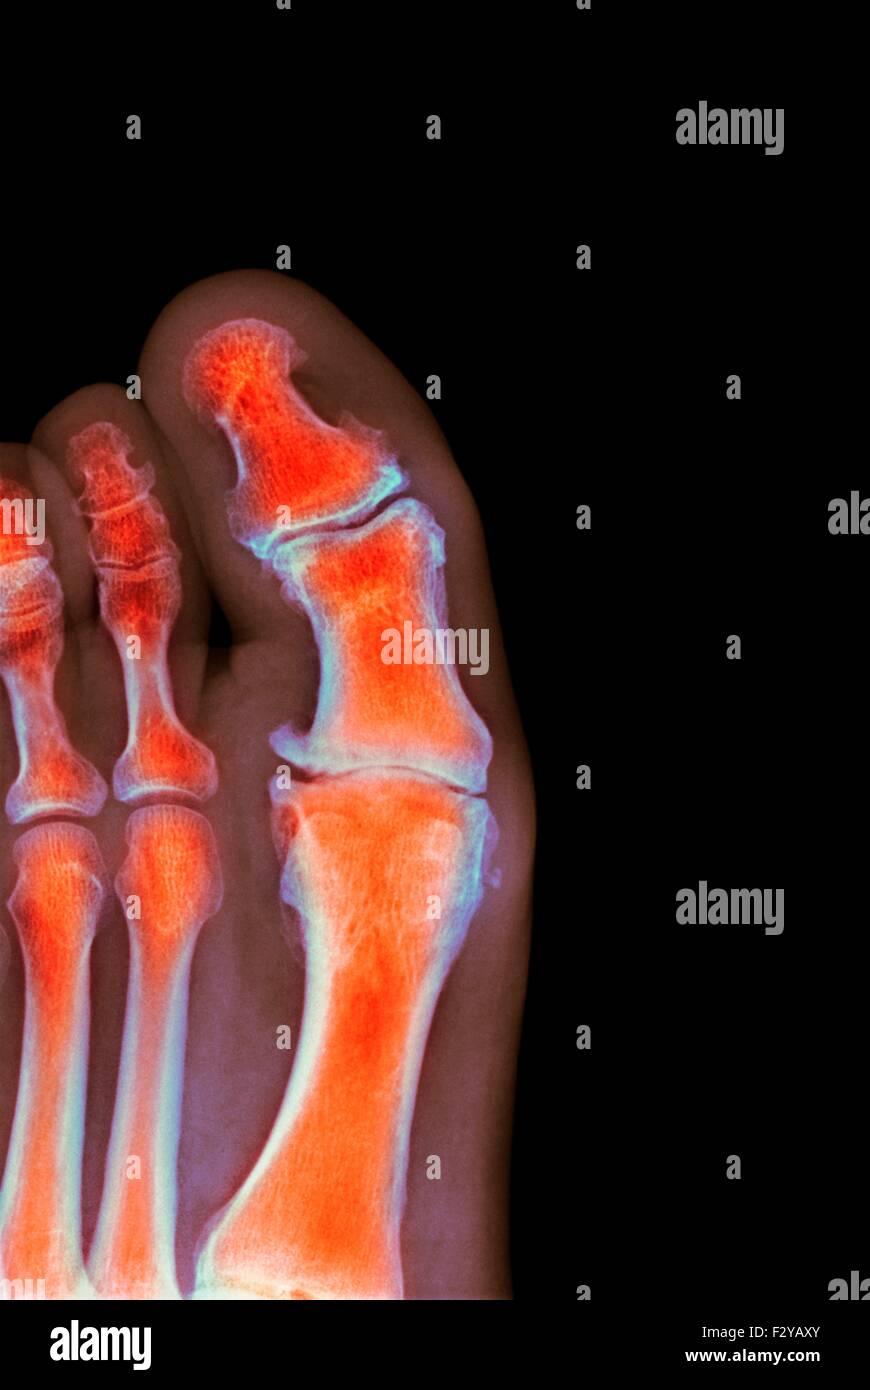 Tolle Fuß X Ray Anatomie Ideen - Menschliche Anatomie Bilder ...